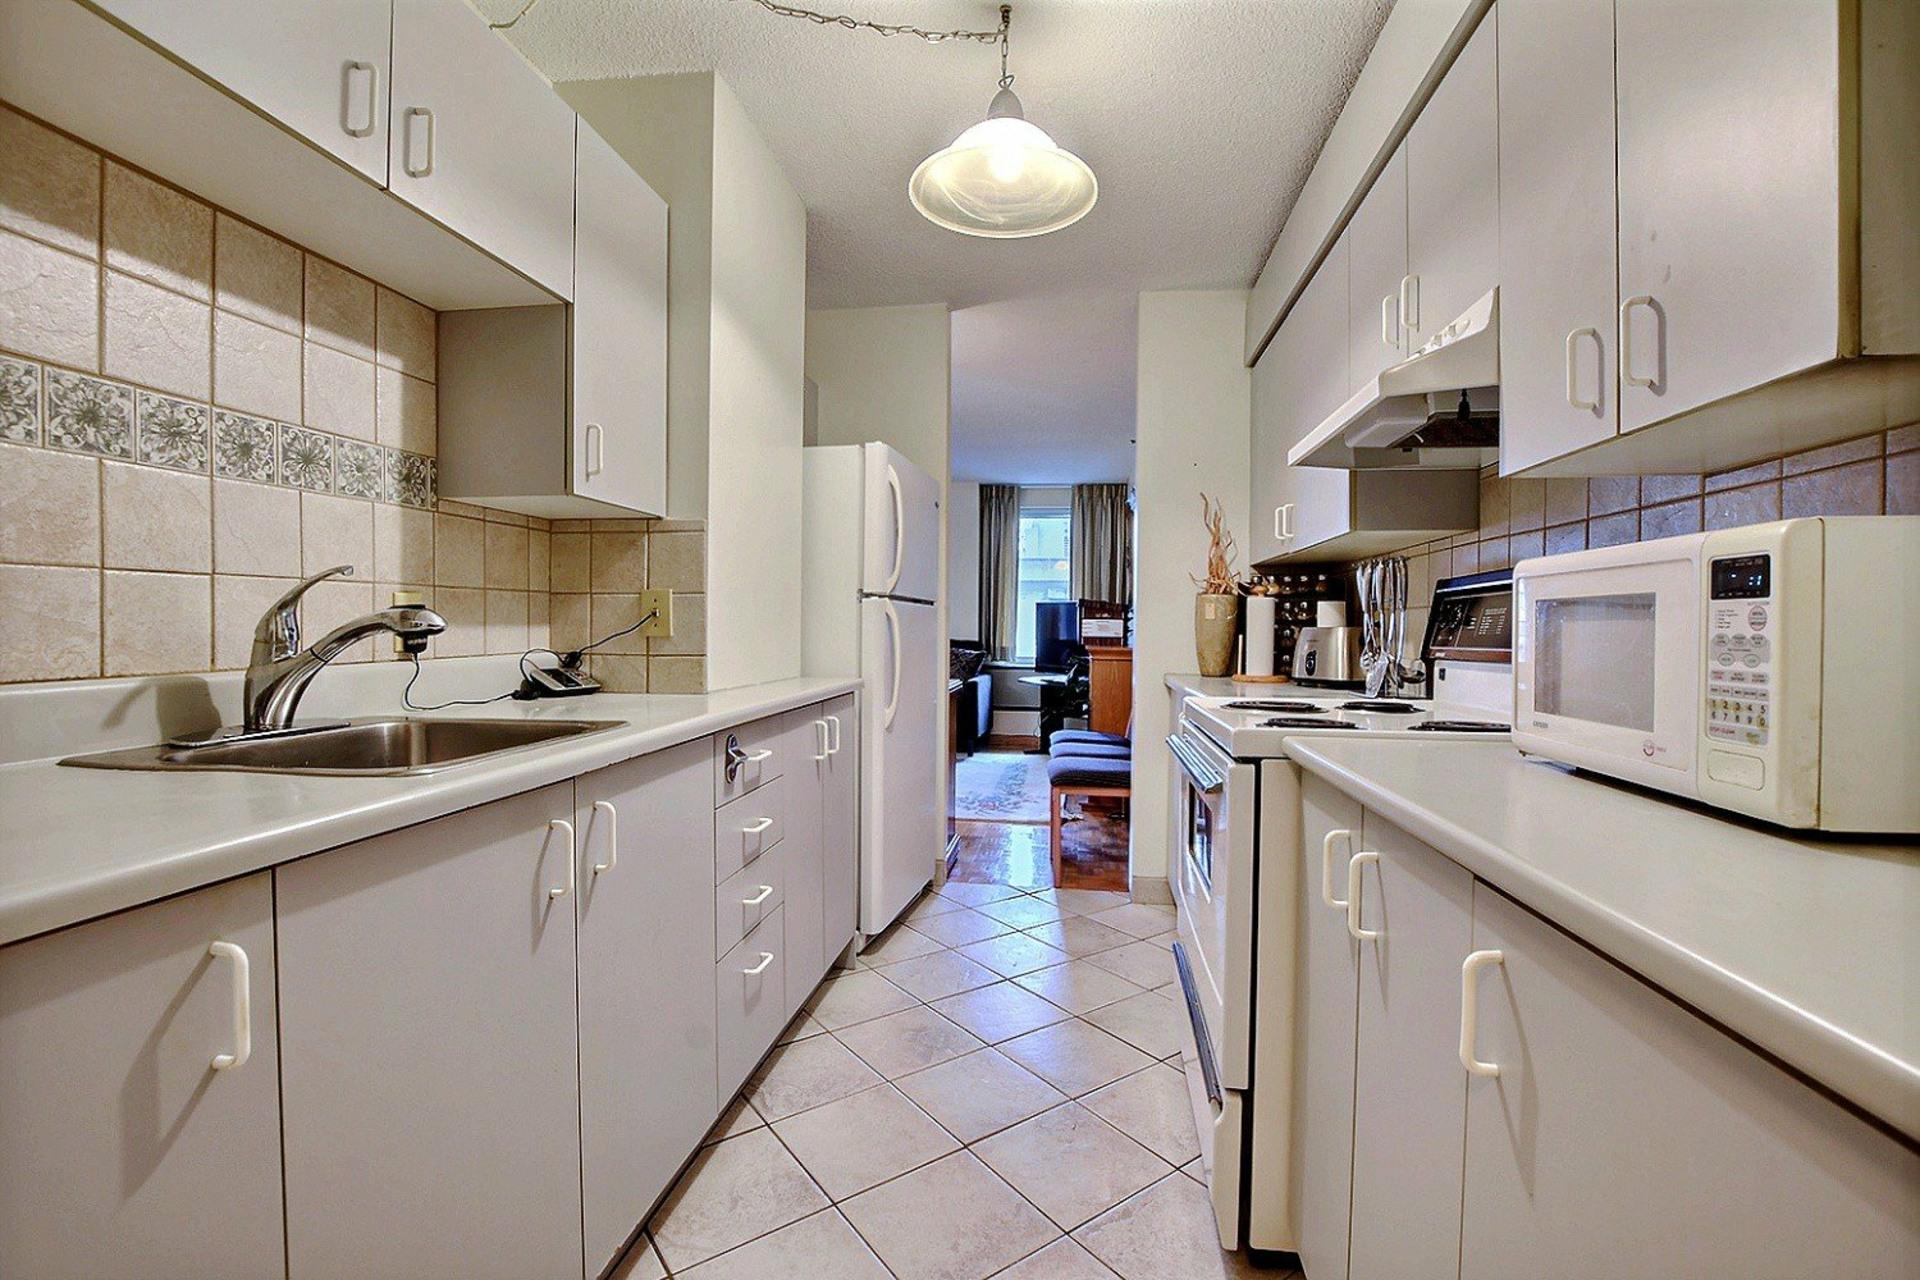 image 10 - Appartement À vendre Montréal Ville-Marie  - 3 pièces